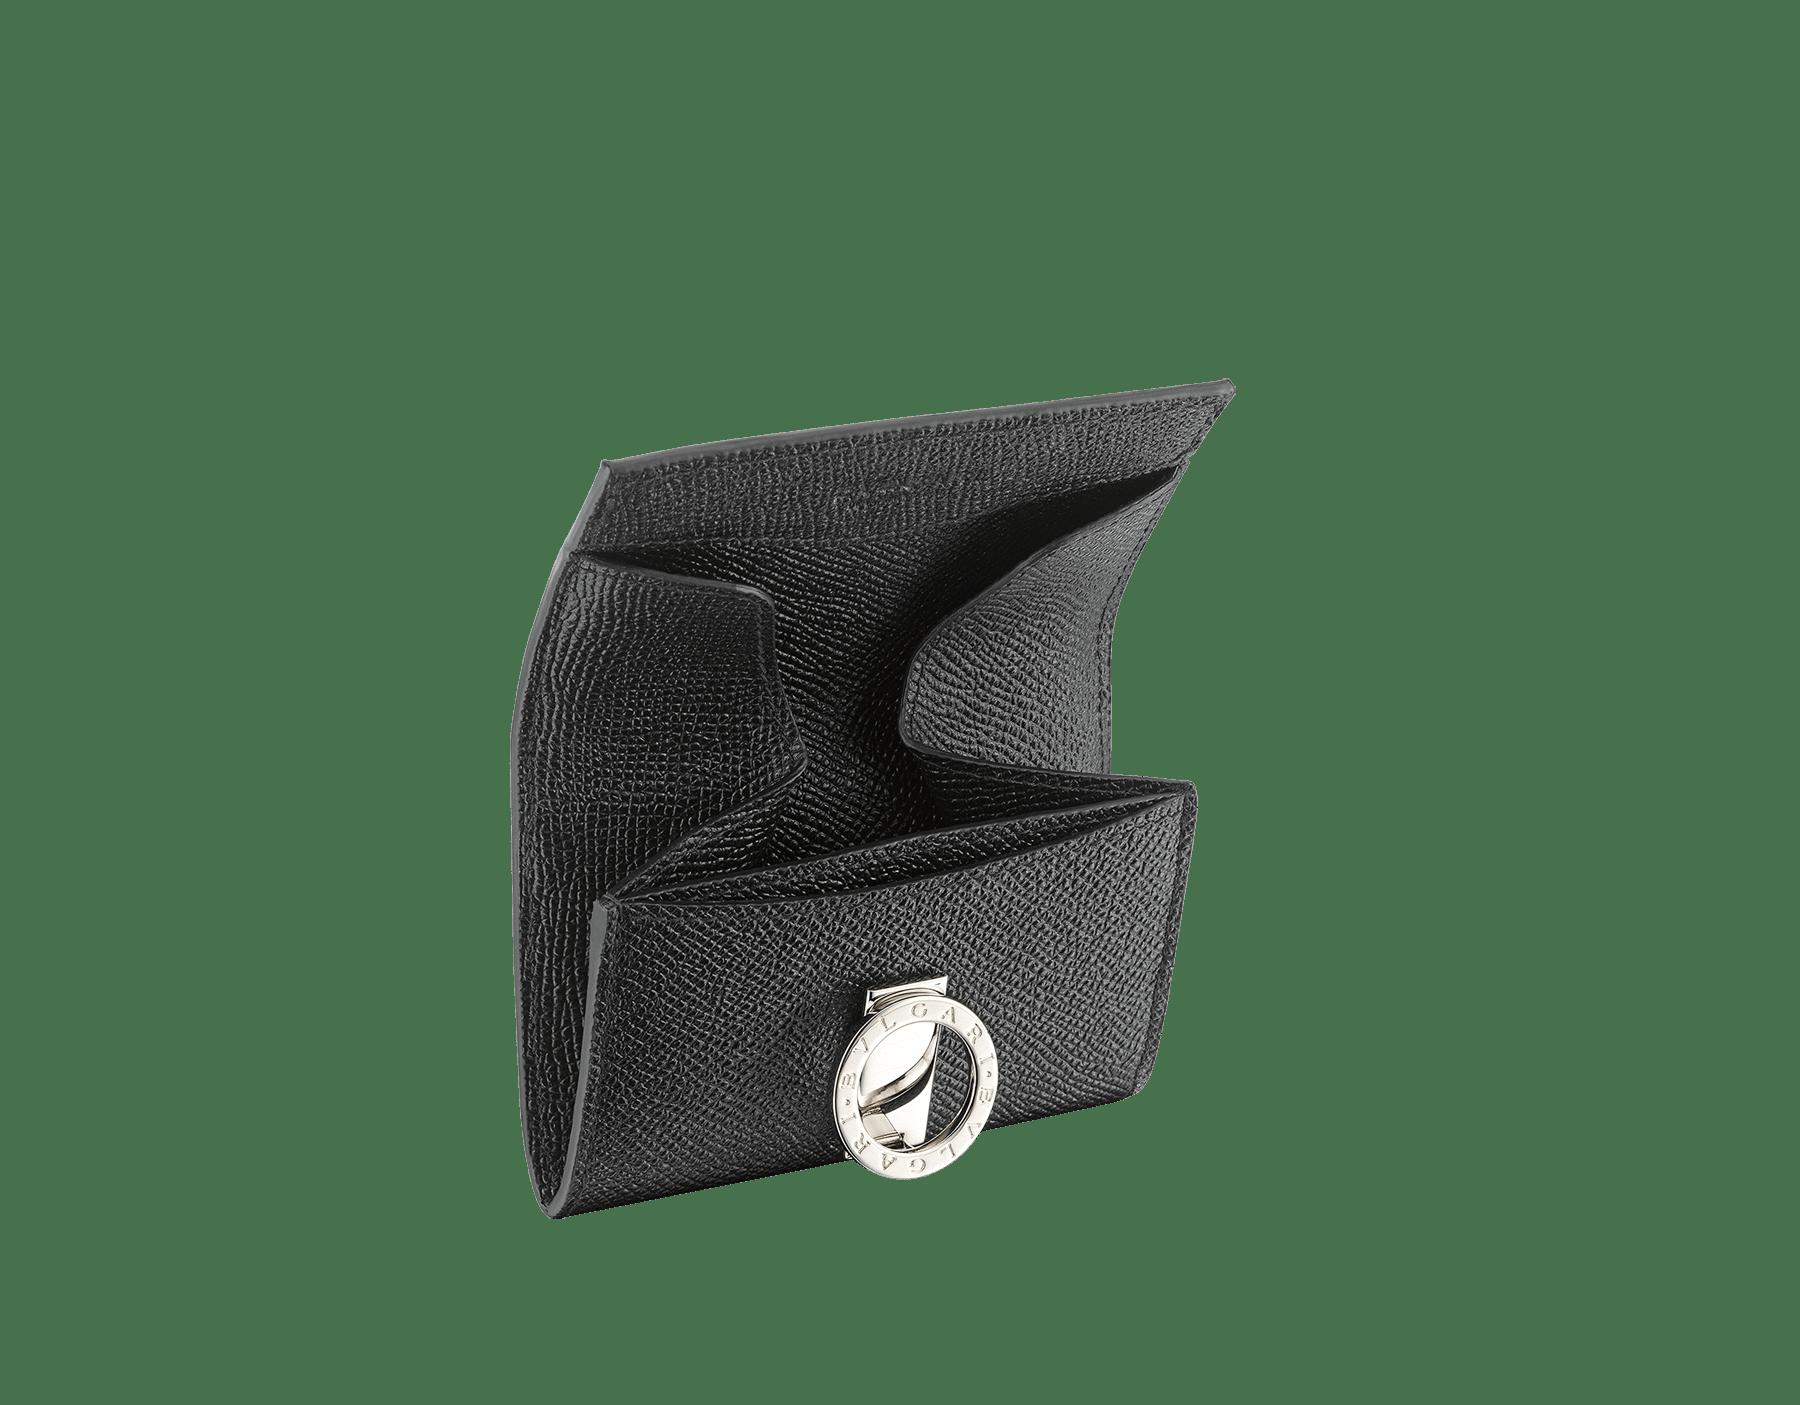 エメラルドグリーンとブラックのグレインカーフレザー製「ブルガリ・ブルガリ」コインパース。モアレブラックナッパの裏地。ブラスパラジウムプレートのアイコニックなロゴのクロージャークリップ。 BCM-WLT-S-RECTa image 2